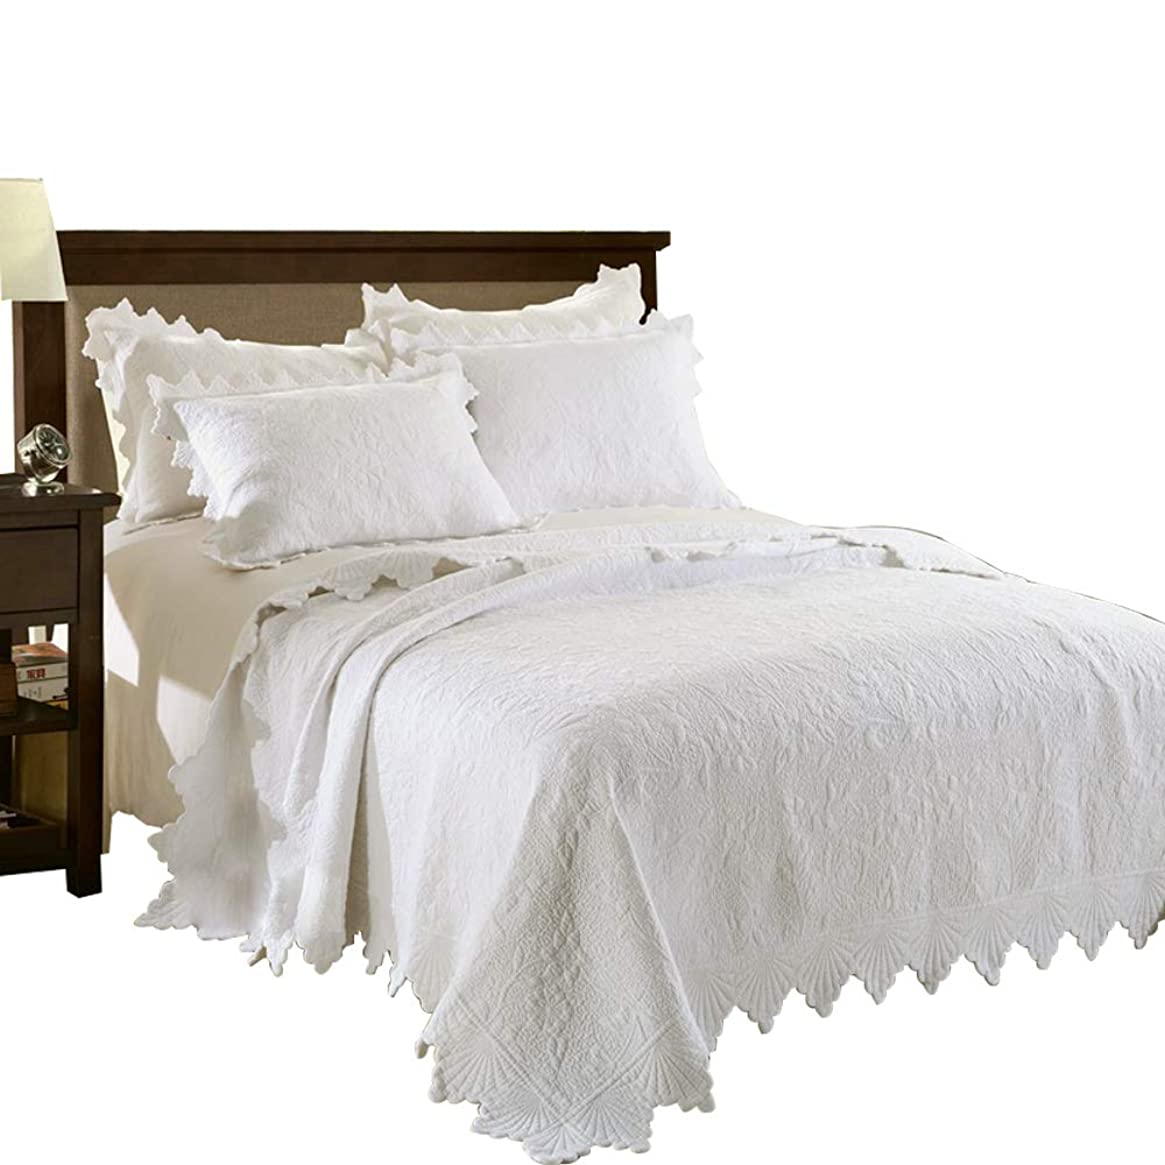 食器棚悲惨おベッドカバー ベッドスプレッド マルチ カバー キルト3点セット ダブル 綿100% (ナスは白です, 230*250cm)